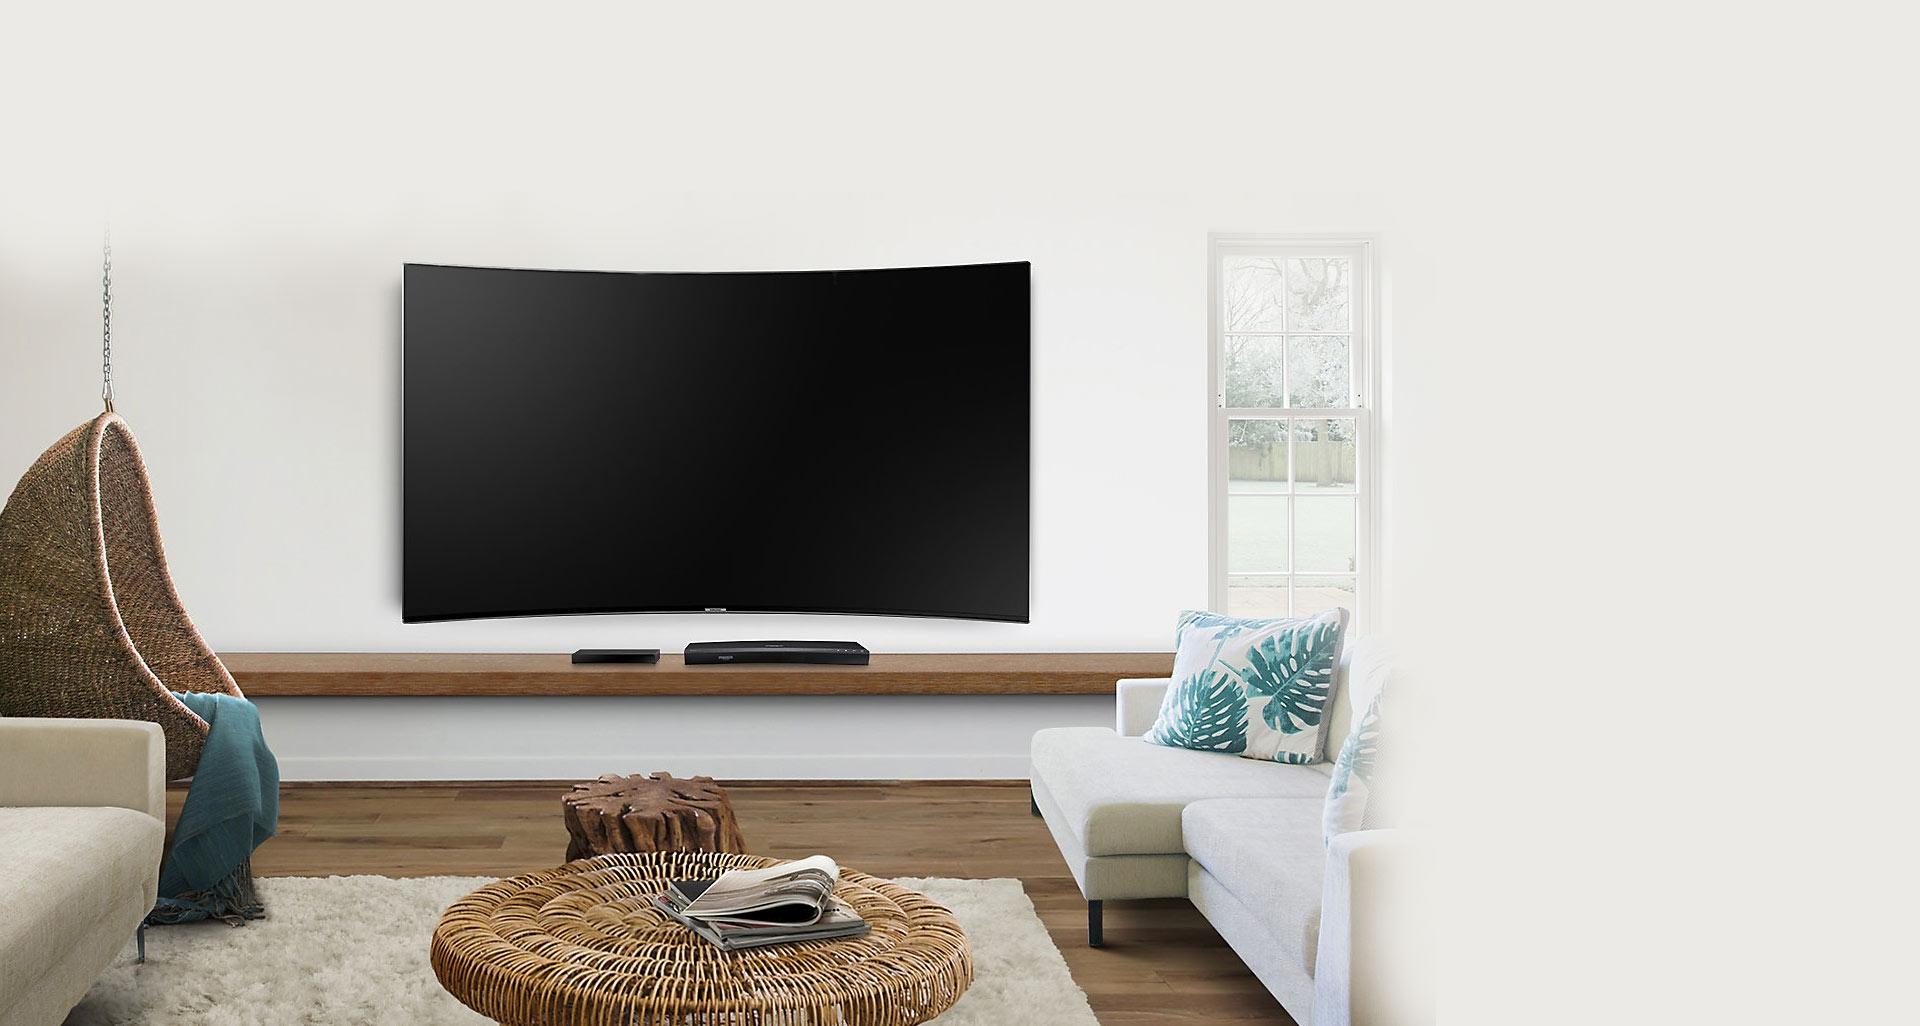 تلویزیون 10000 سامسونگ برای محیطی مرتب و آراسته